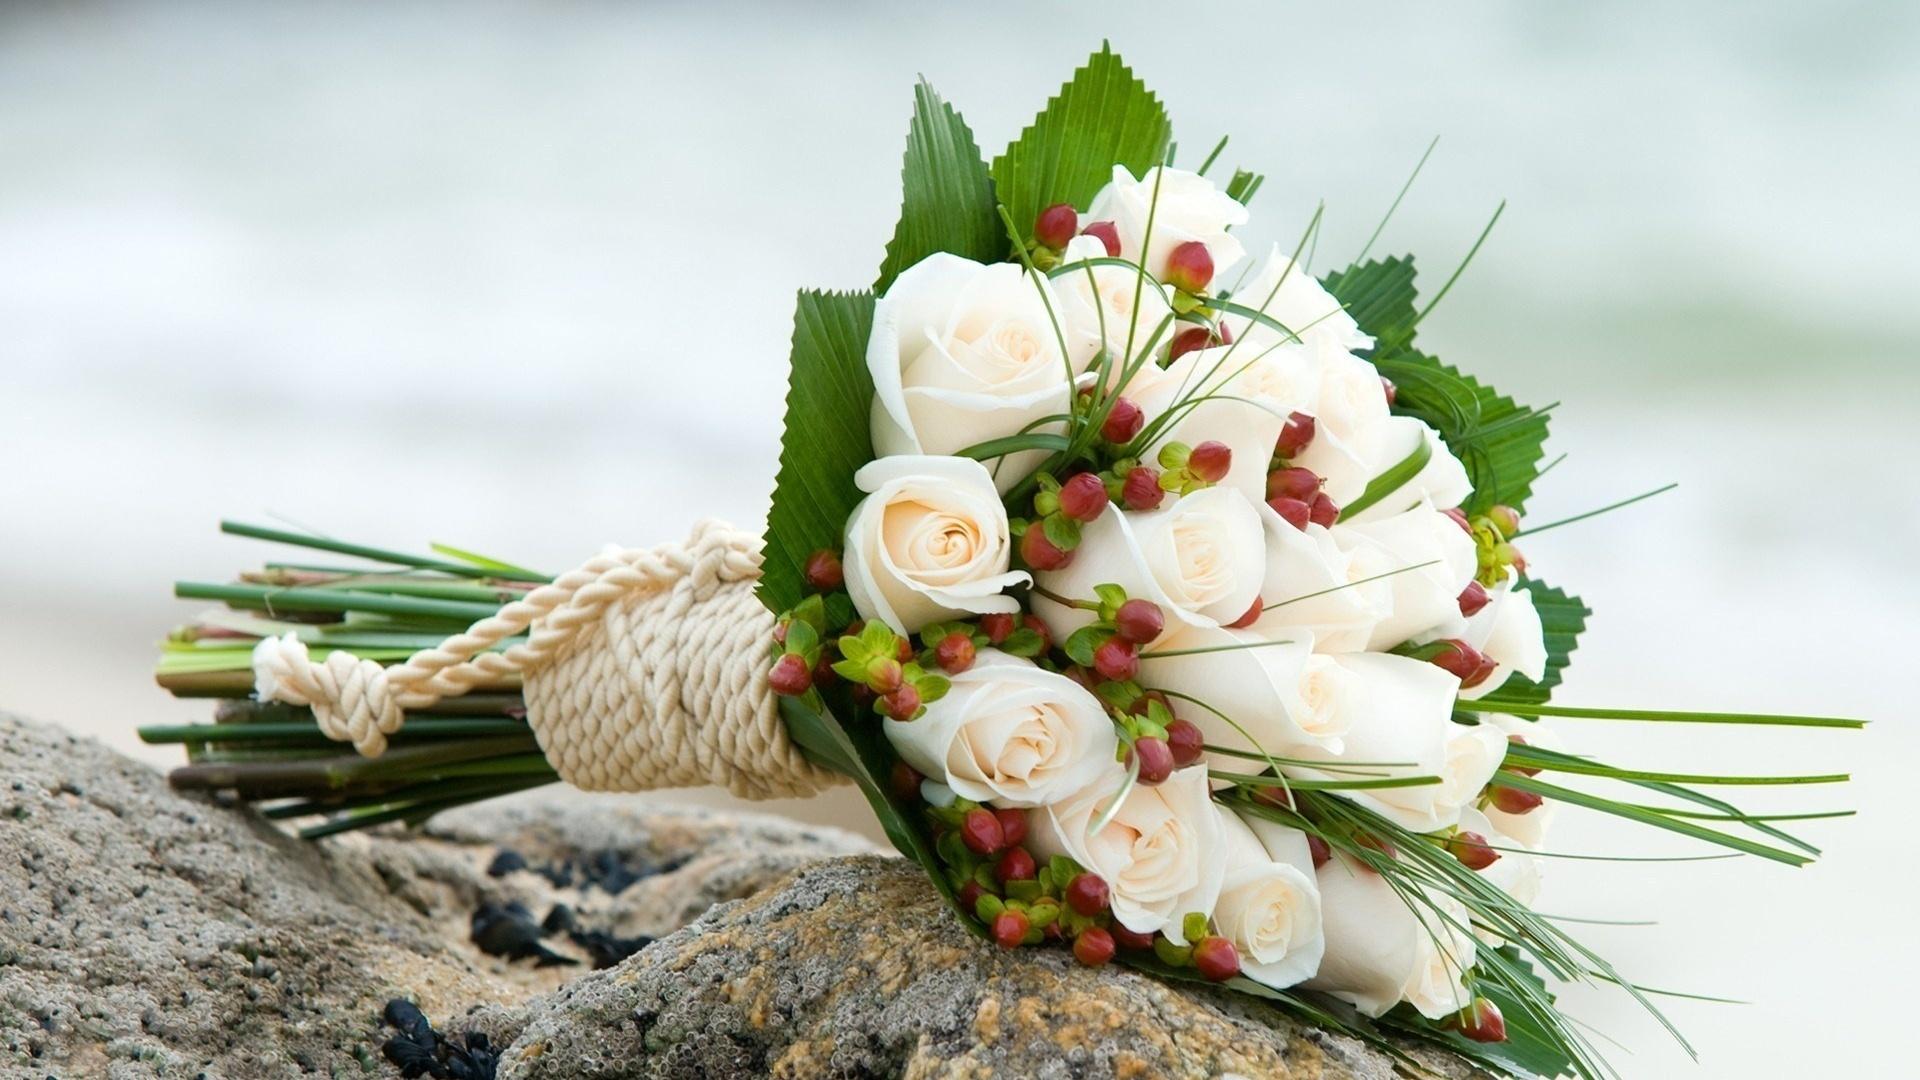 Flower Bouquet Desktop Wallpaper 52250 1920x1080 px